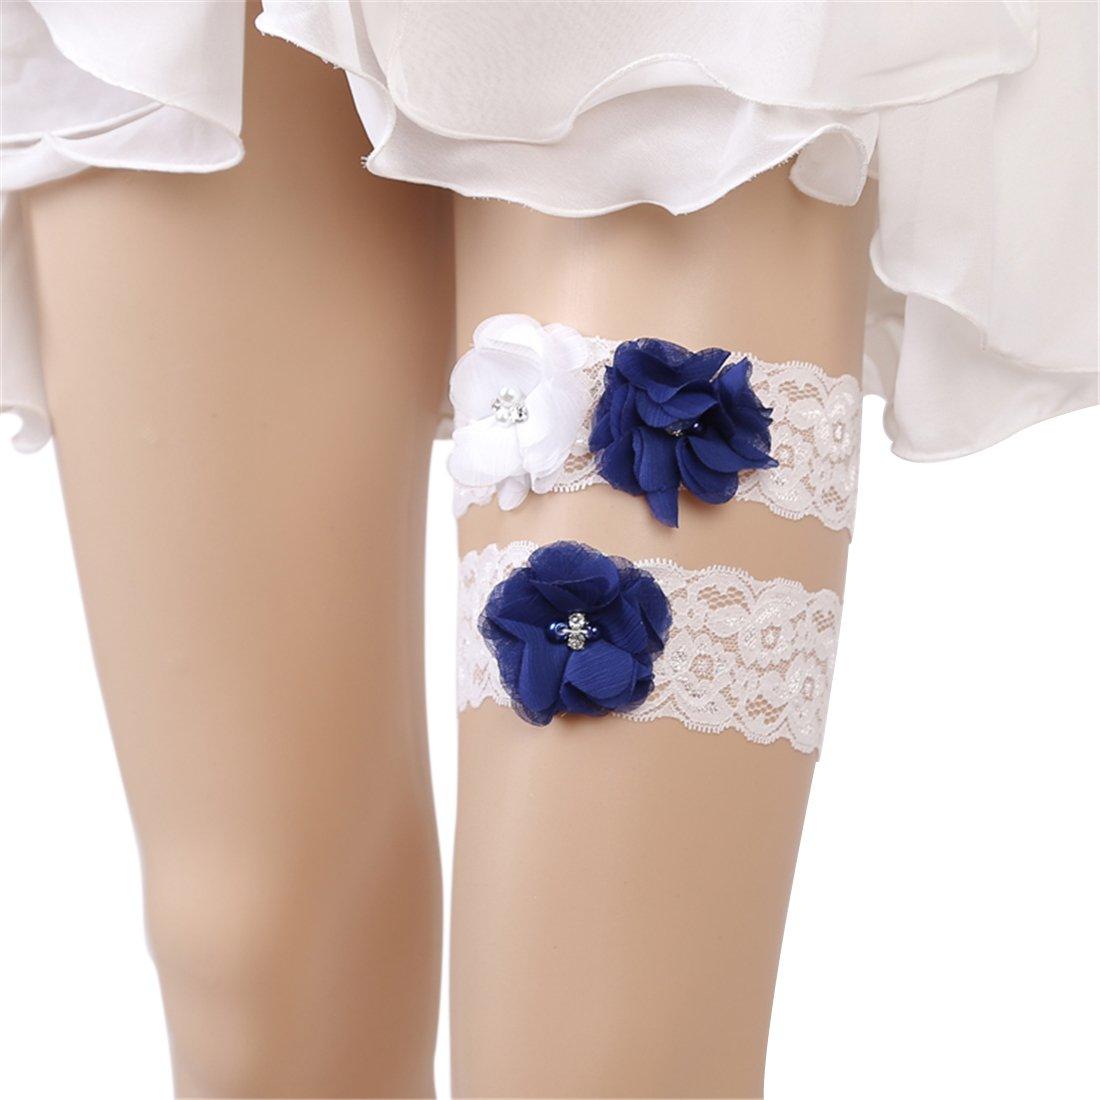 Flower Lace Wedding Garter Belt Set Vintage Beaded for Bridal (J058)